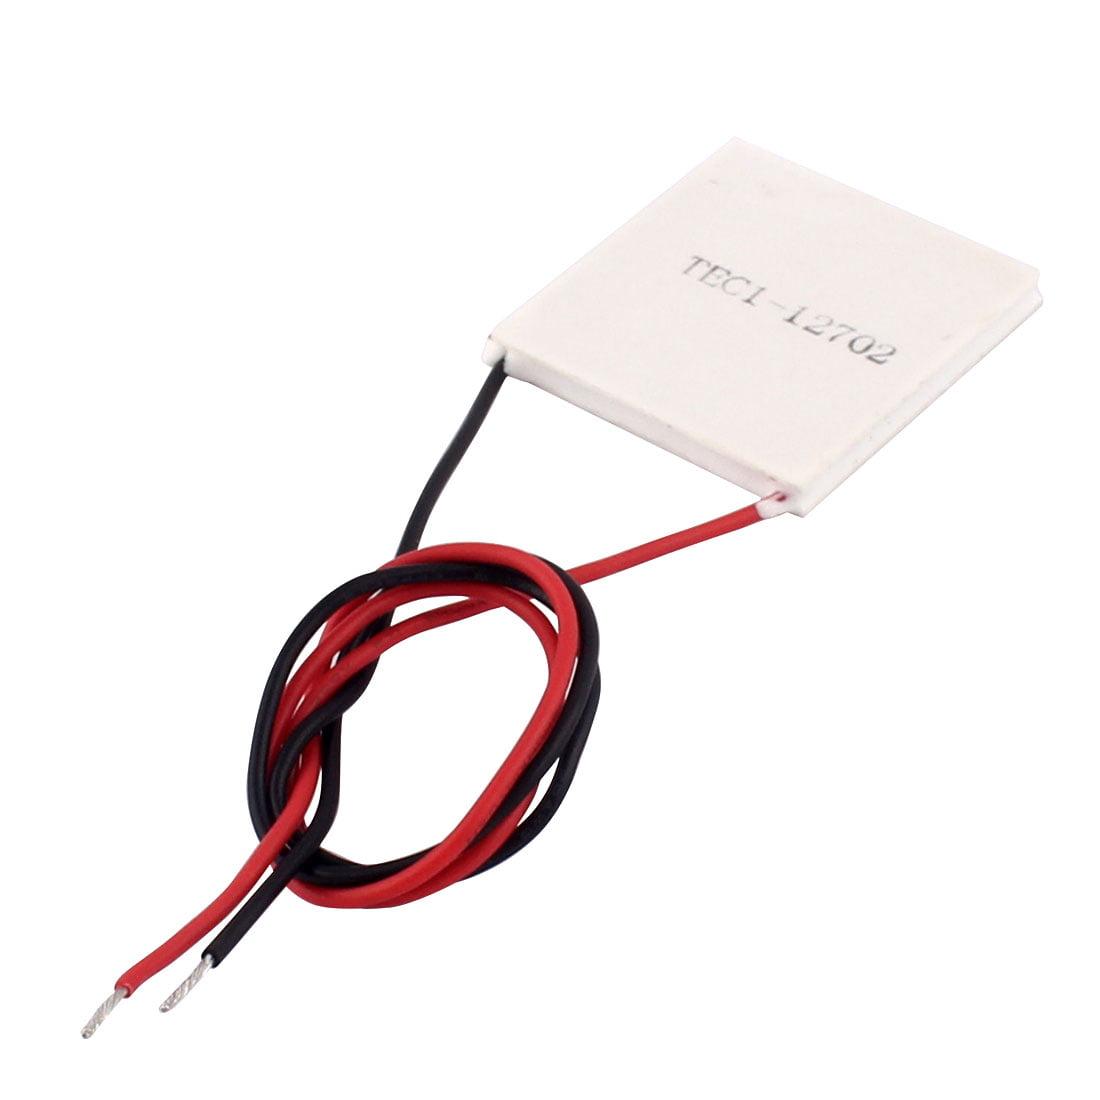 Unique Bargains TEC1-12702 2A 12V 23W 40x40x4mm Thermoelectric Cooler Peltier Plate Module